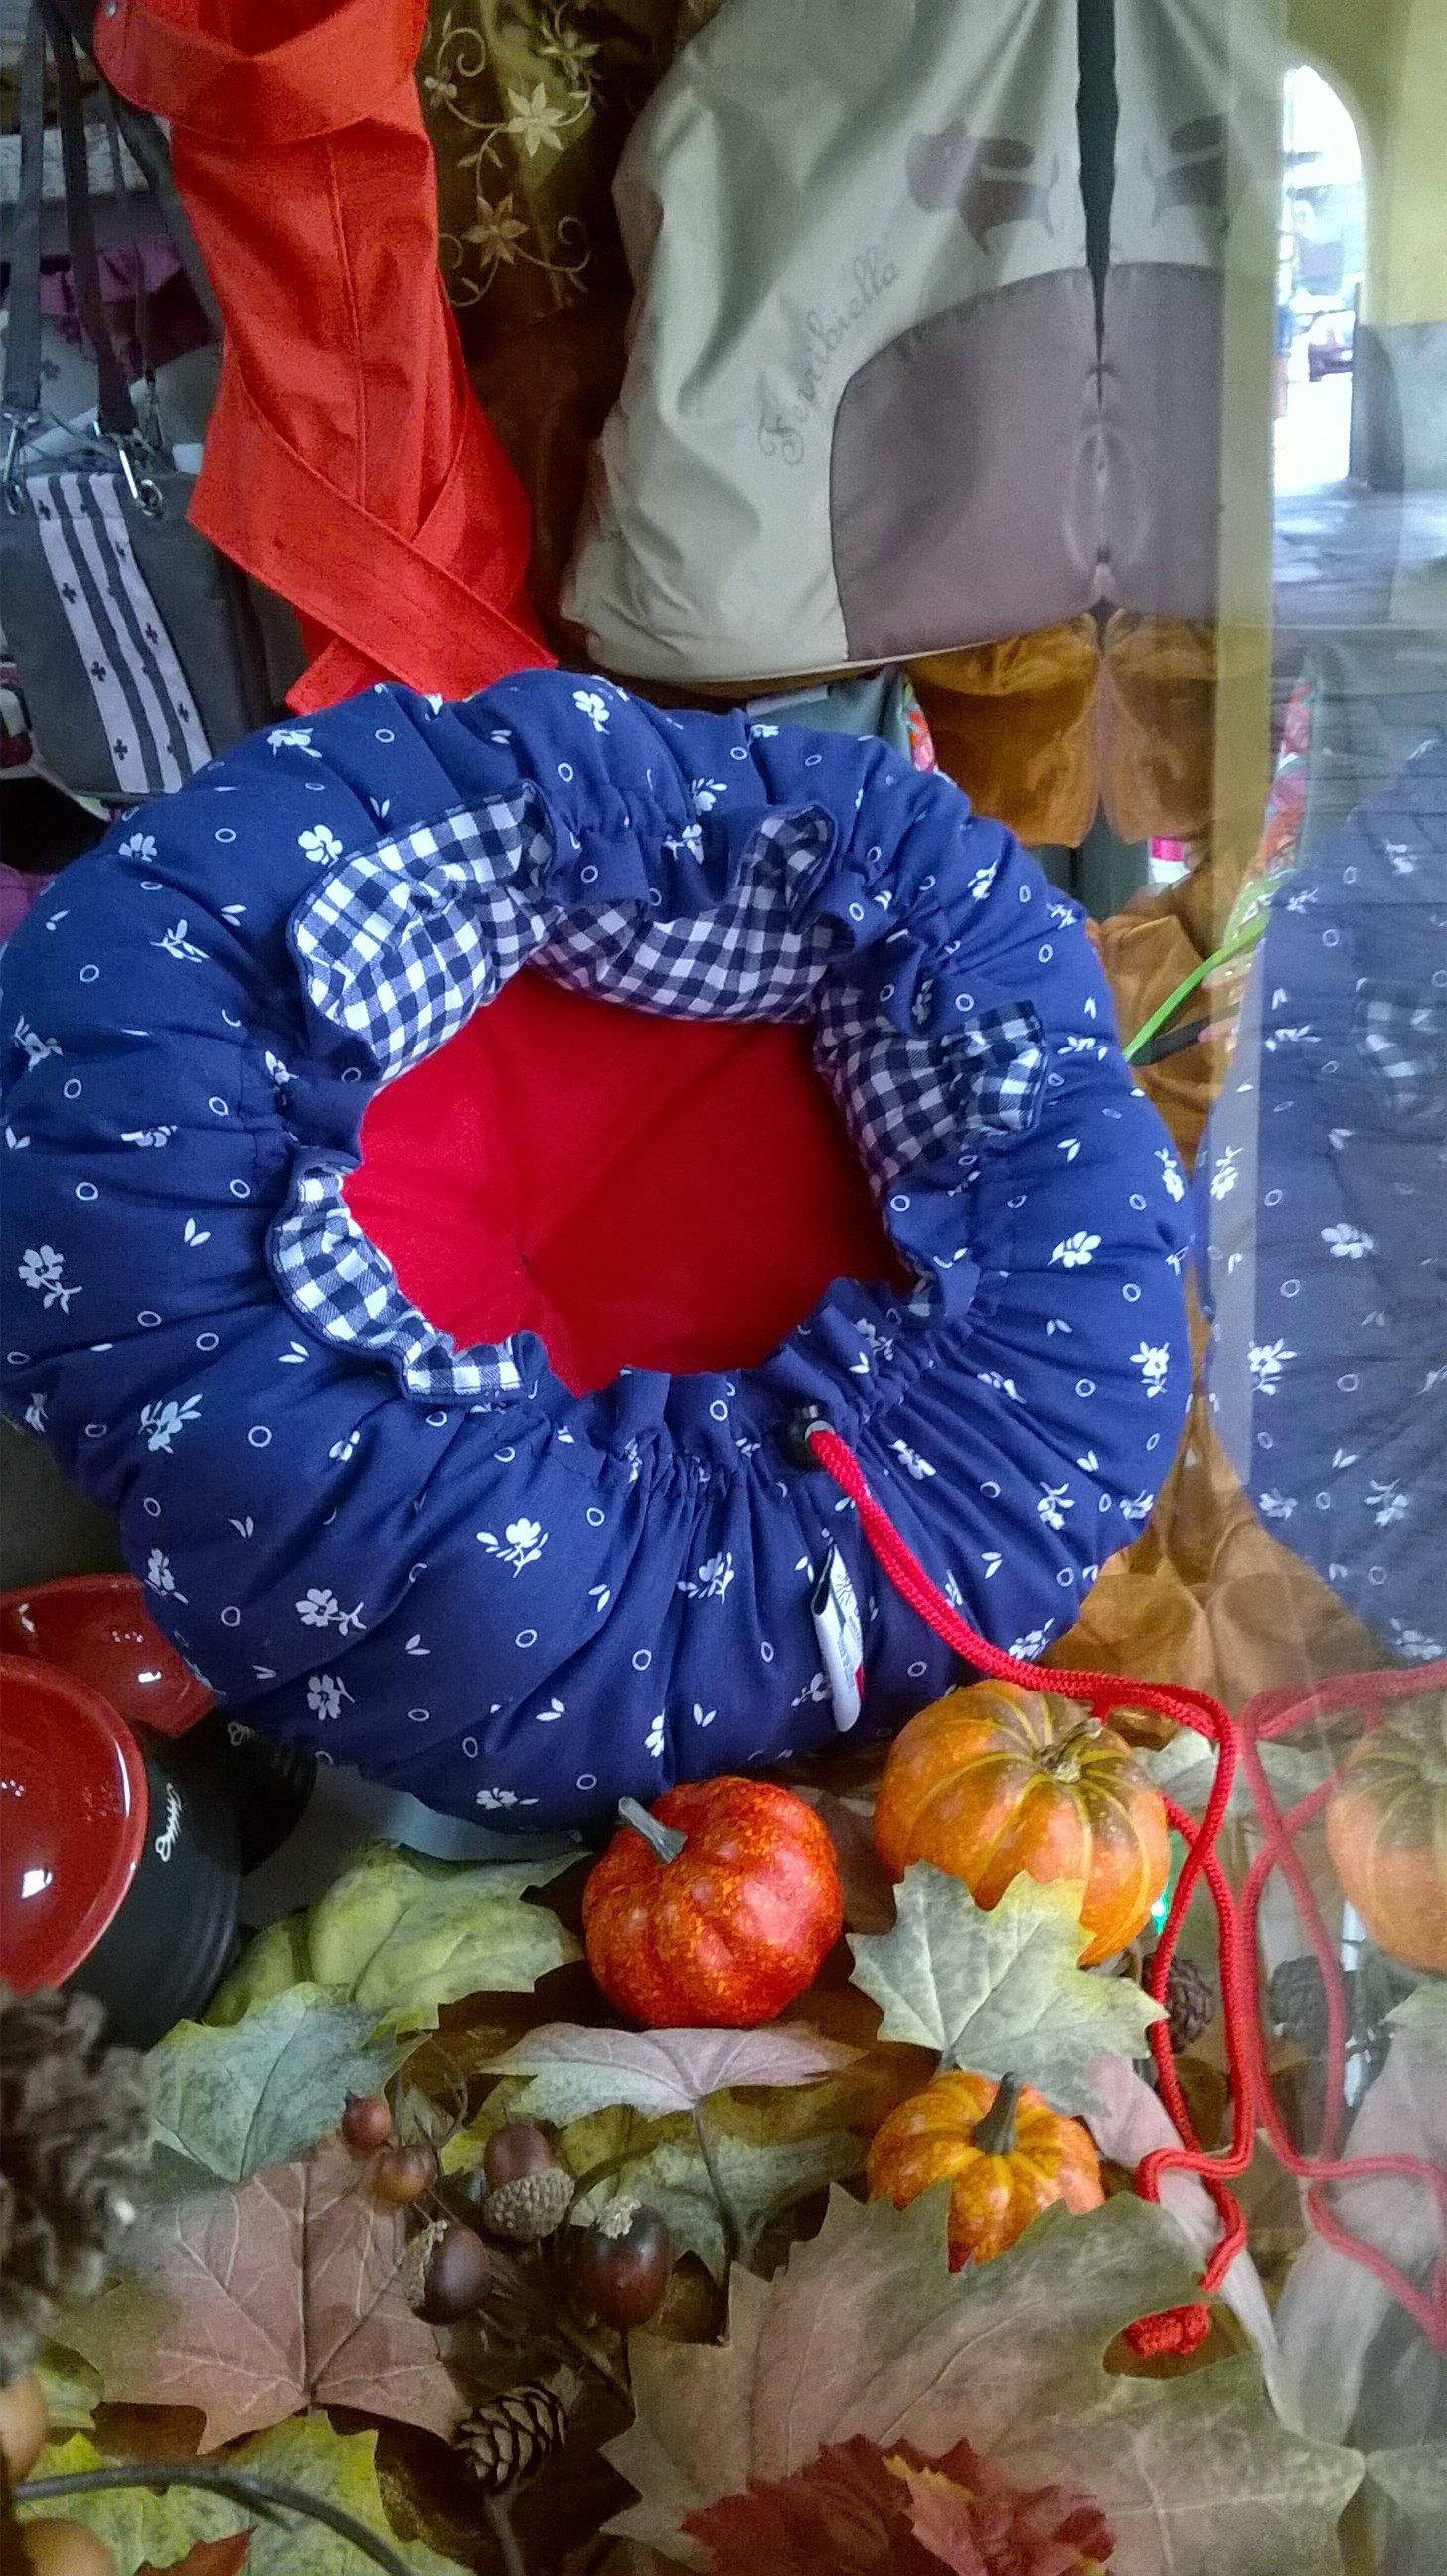 Una cuccia per cani in stoffa blu e rossa